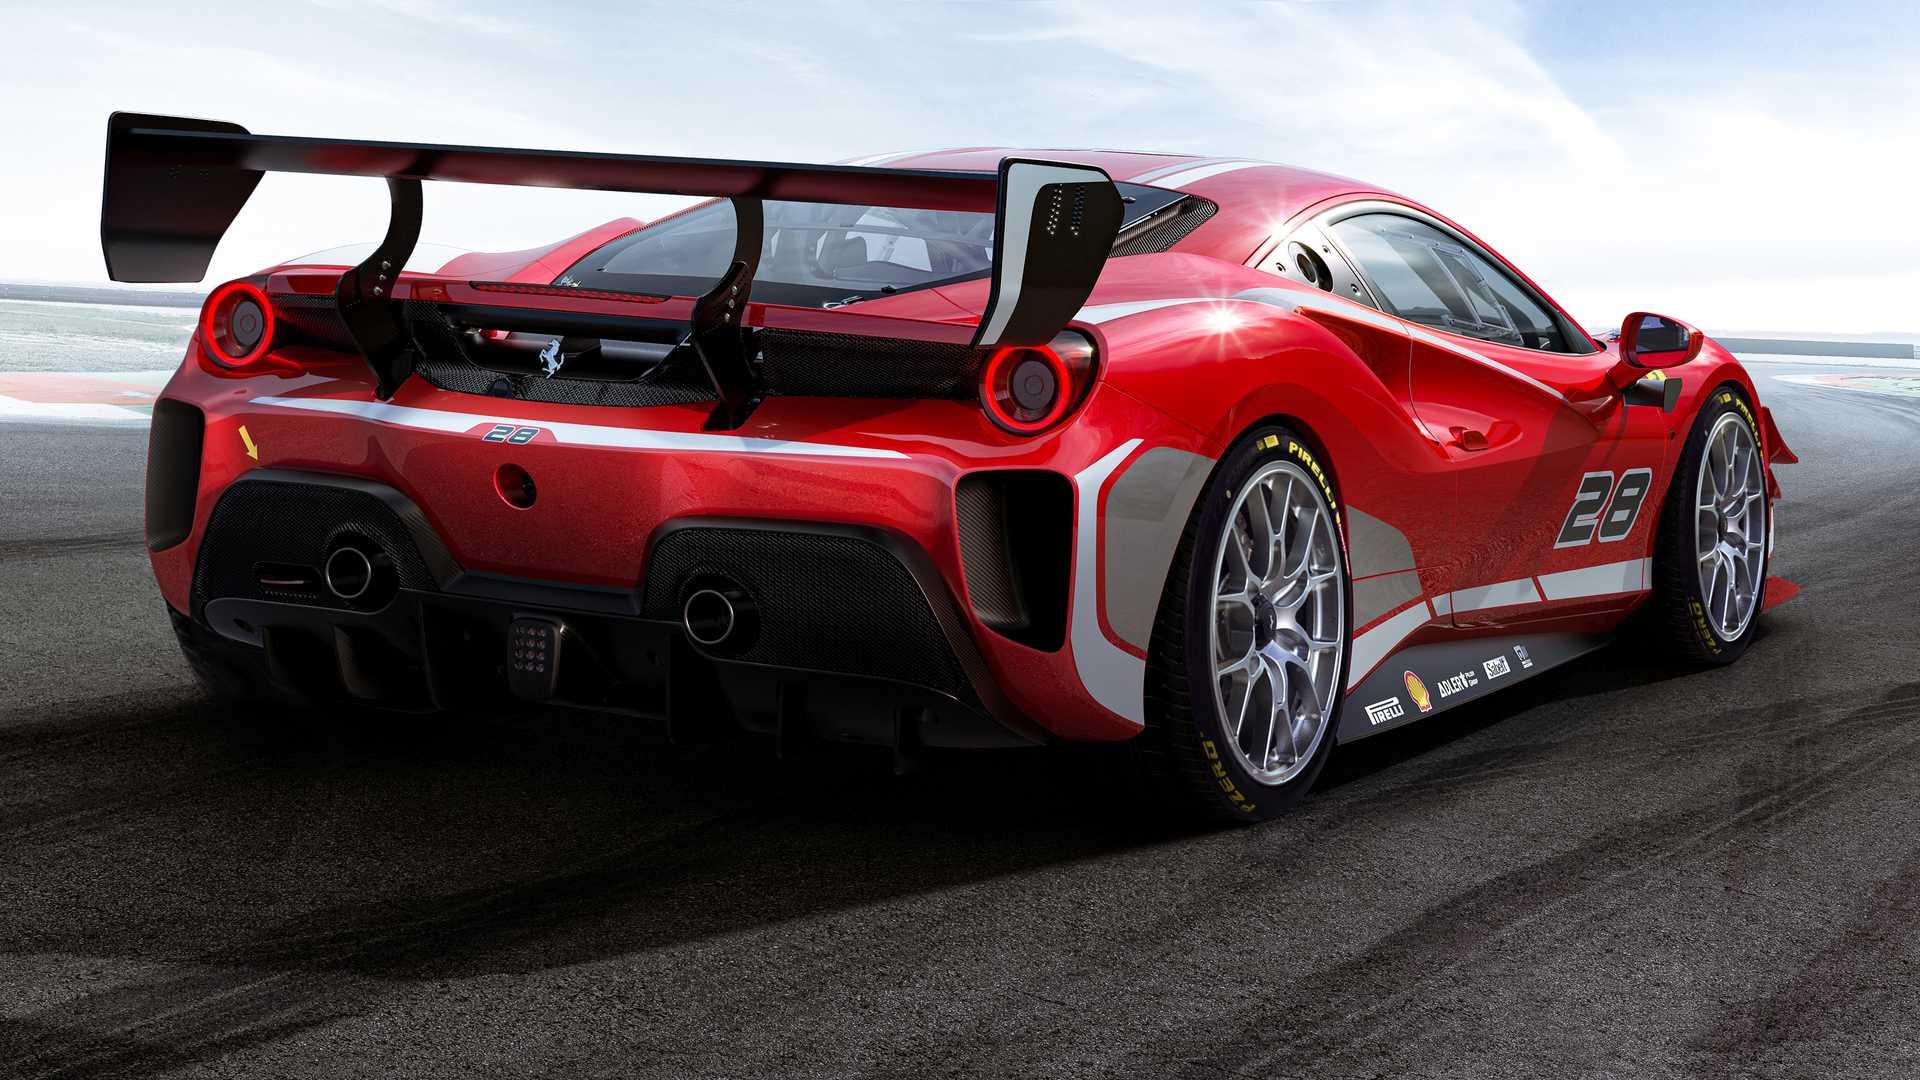 Ferrari Finali Mondiali: 488 GT3 & 488 Challenge Evo